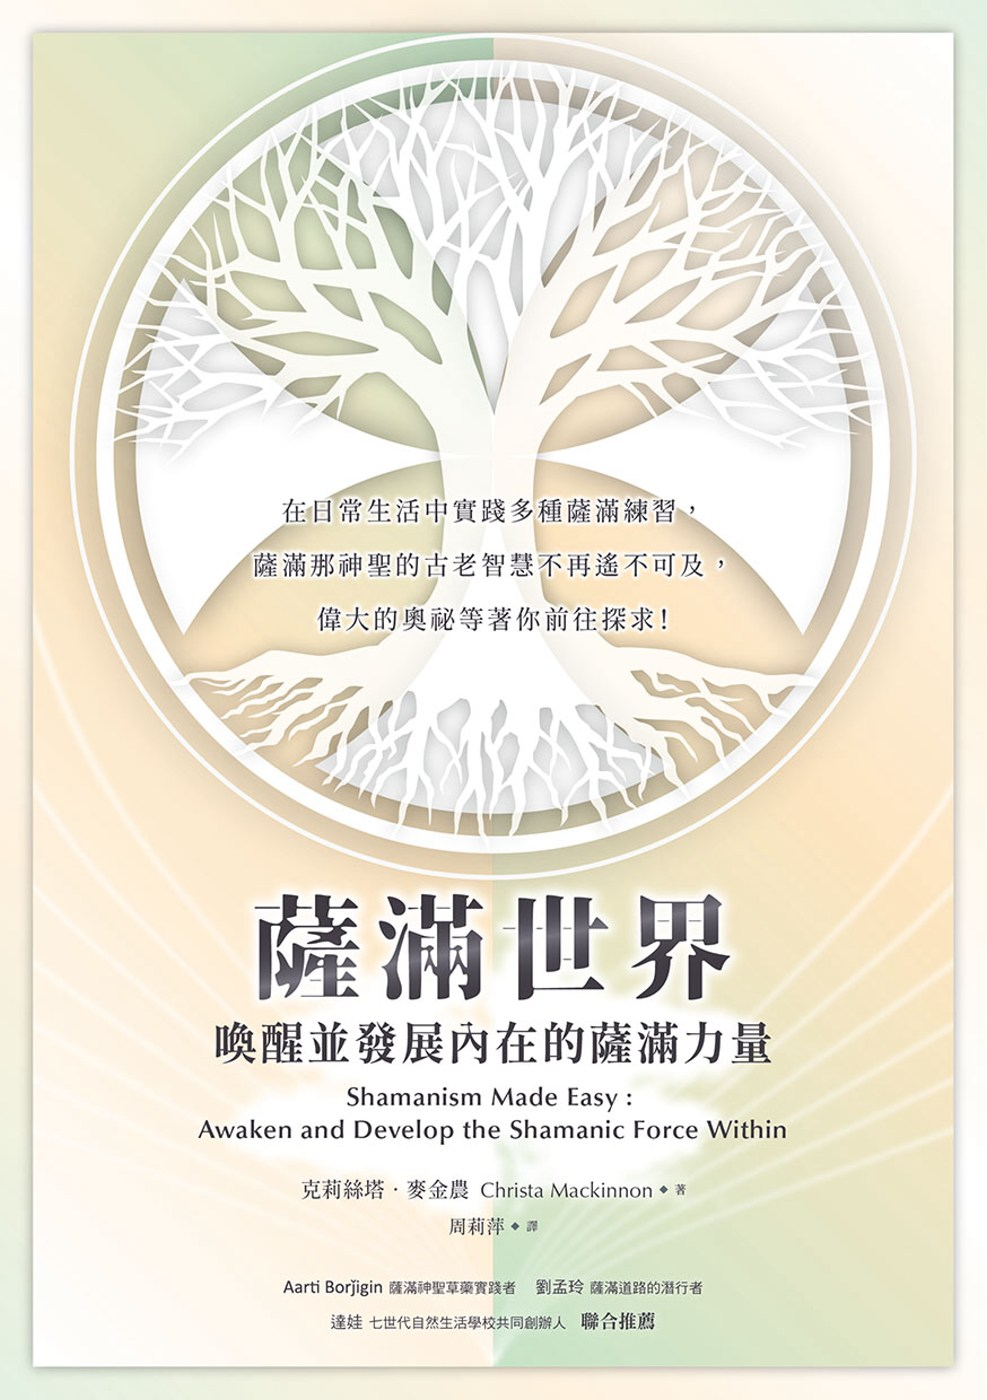 薩滿世界:喚醒並發展內在的薩滿力量